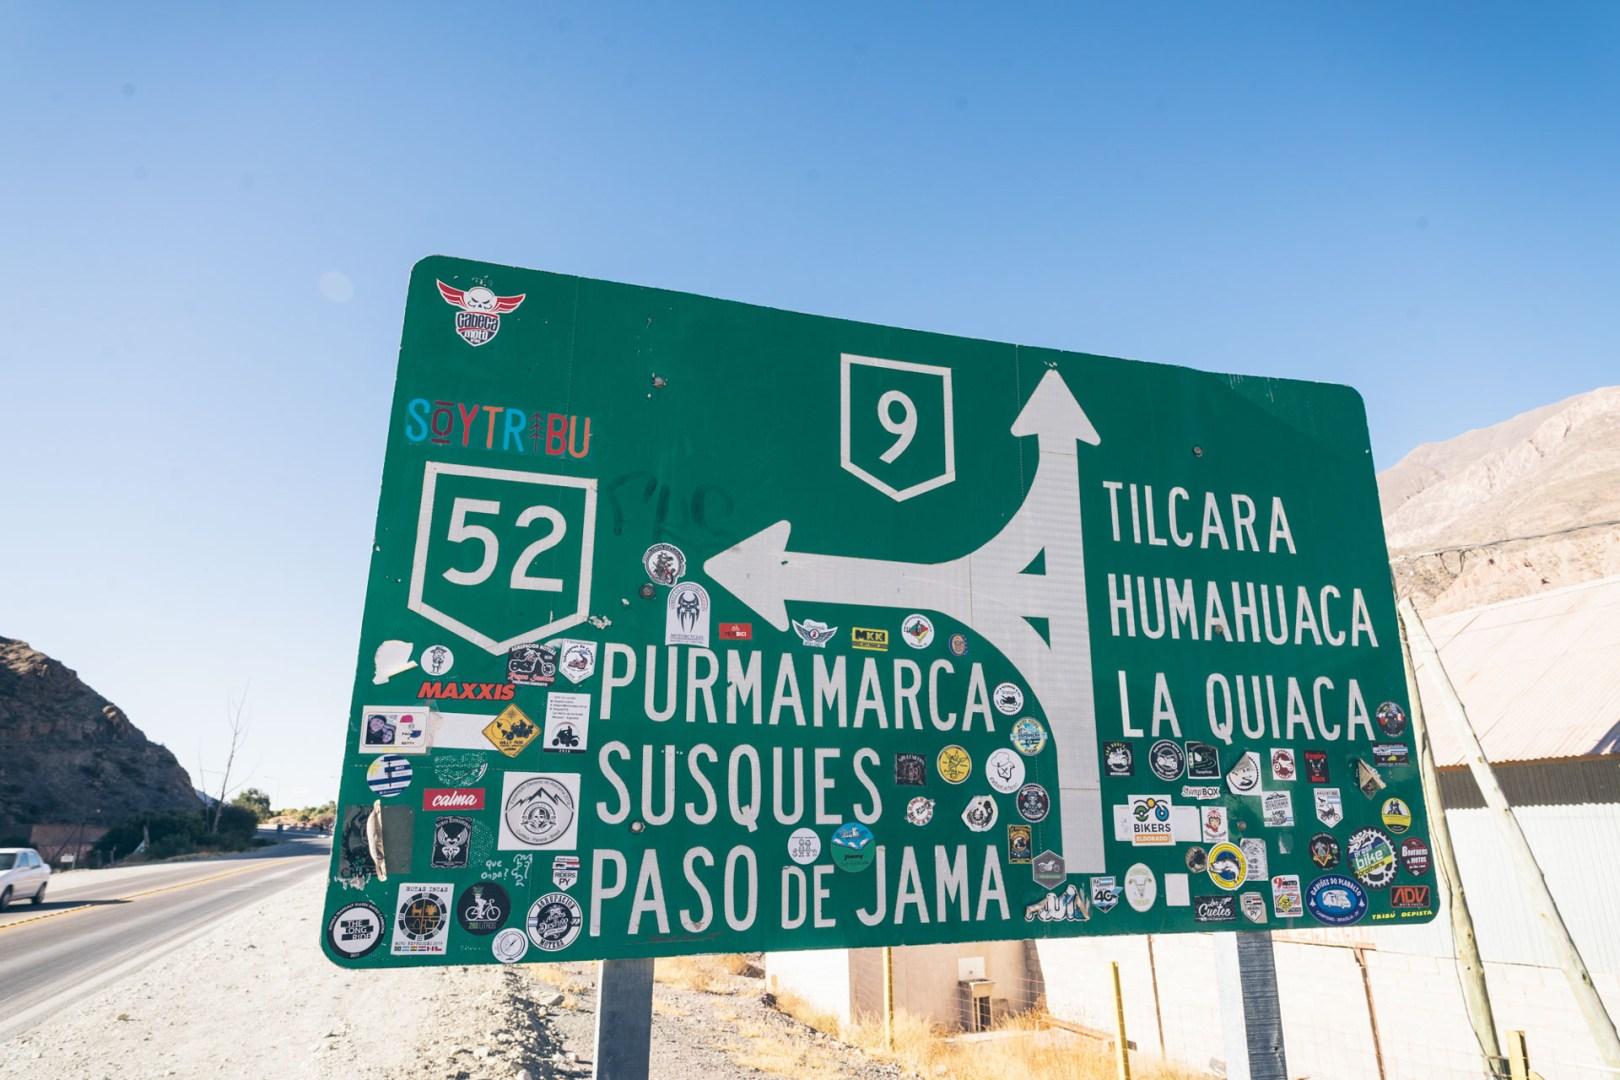 On arrive à Purmamarca